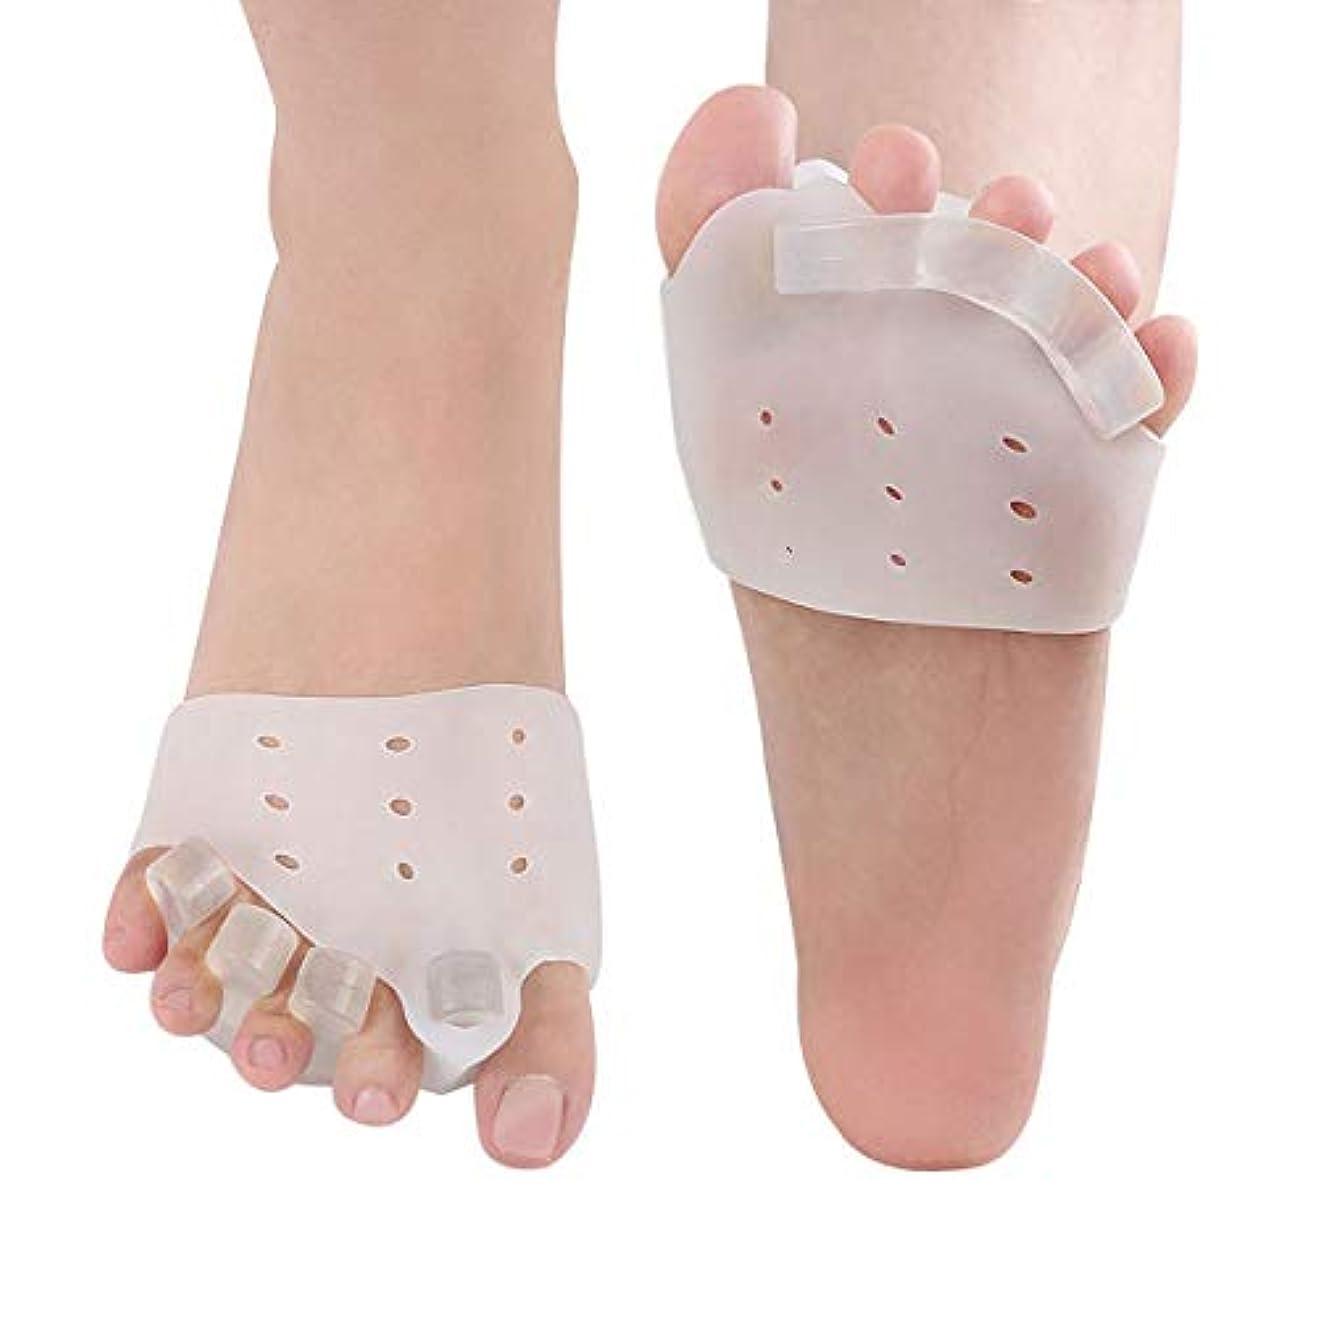 求める失態農村足指パッド セパレーター 矯正 足指を広げる 外反母趾矯正 内反小趾 サポーター 足指矯正パッド 足指分離 足指 シリコンパッド 足用保護パッド 足の痛みを軽減 男女兼用 左右兼用 (左右セット)